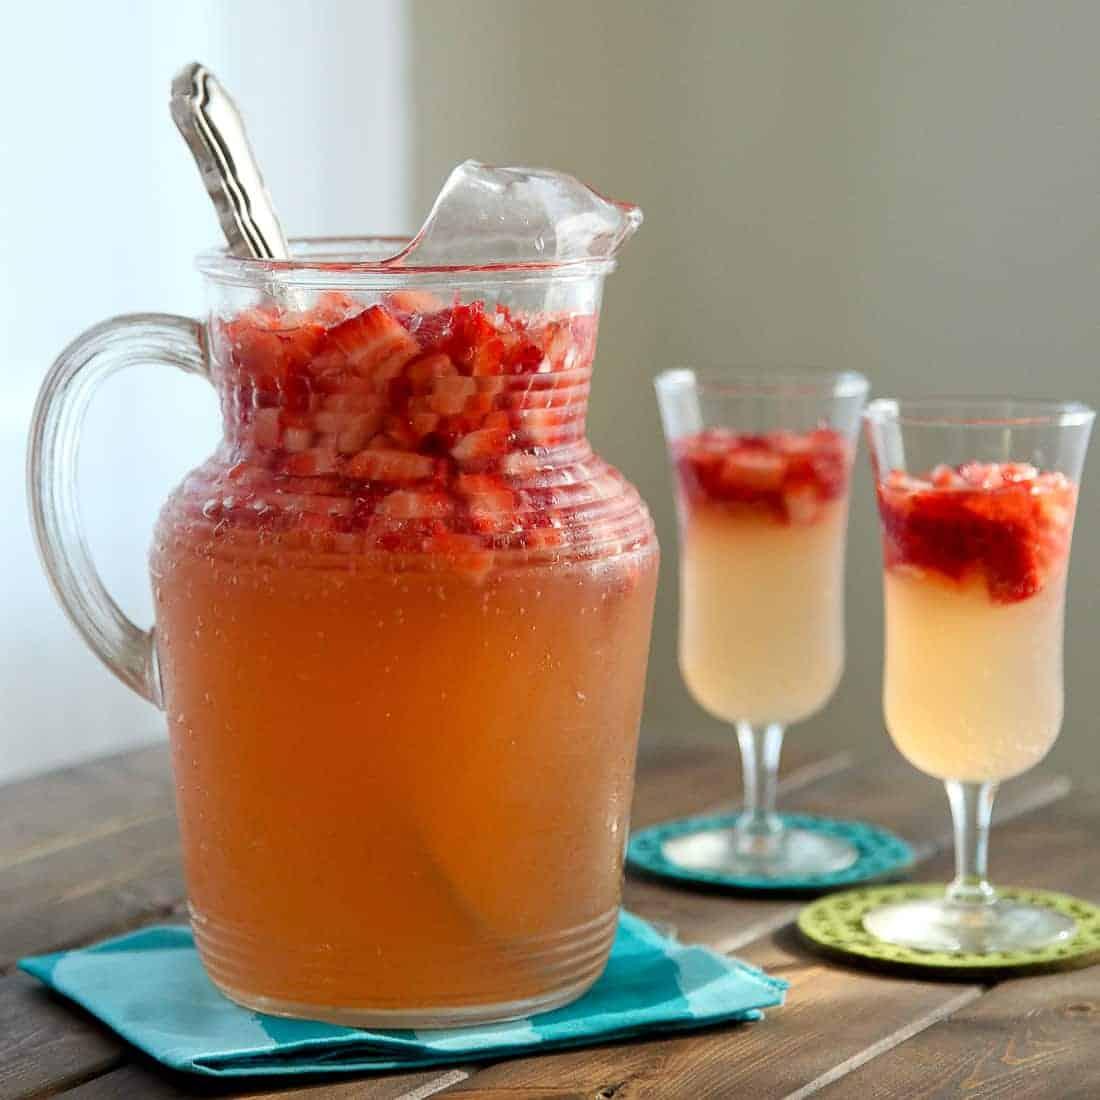 Strawberry Ginger Lemonade